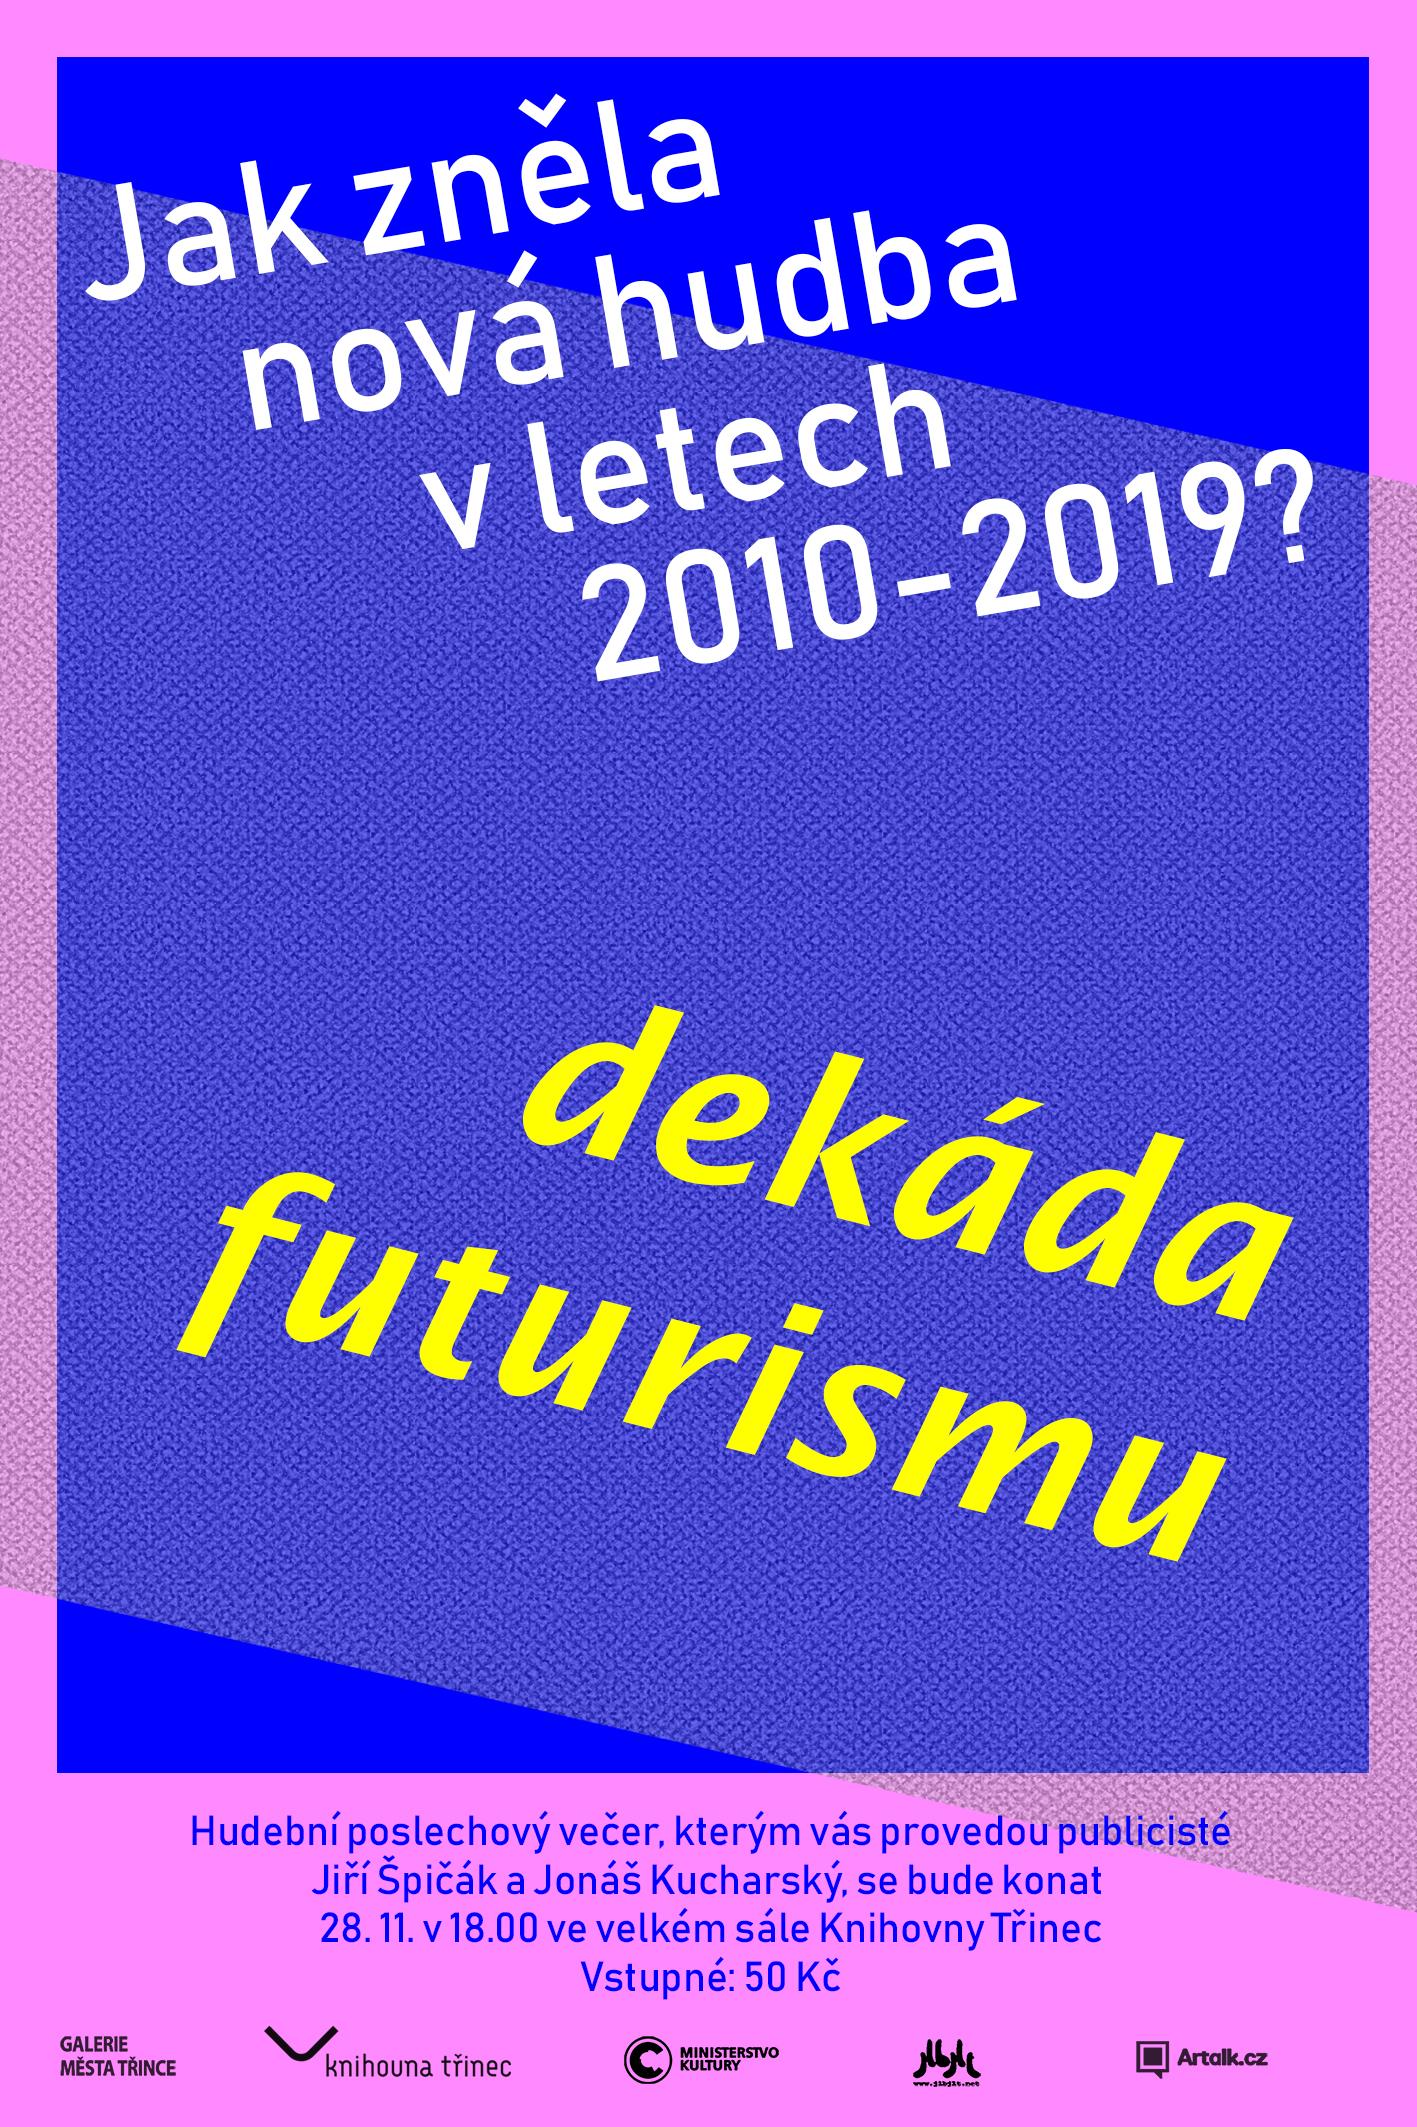 Přednáška: Dekáda futurismu (Jak zněla nová hudba v letech 2010-2019)